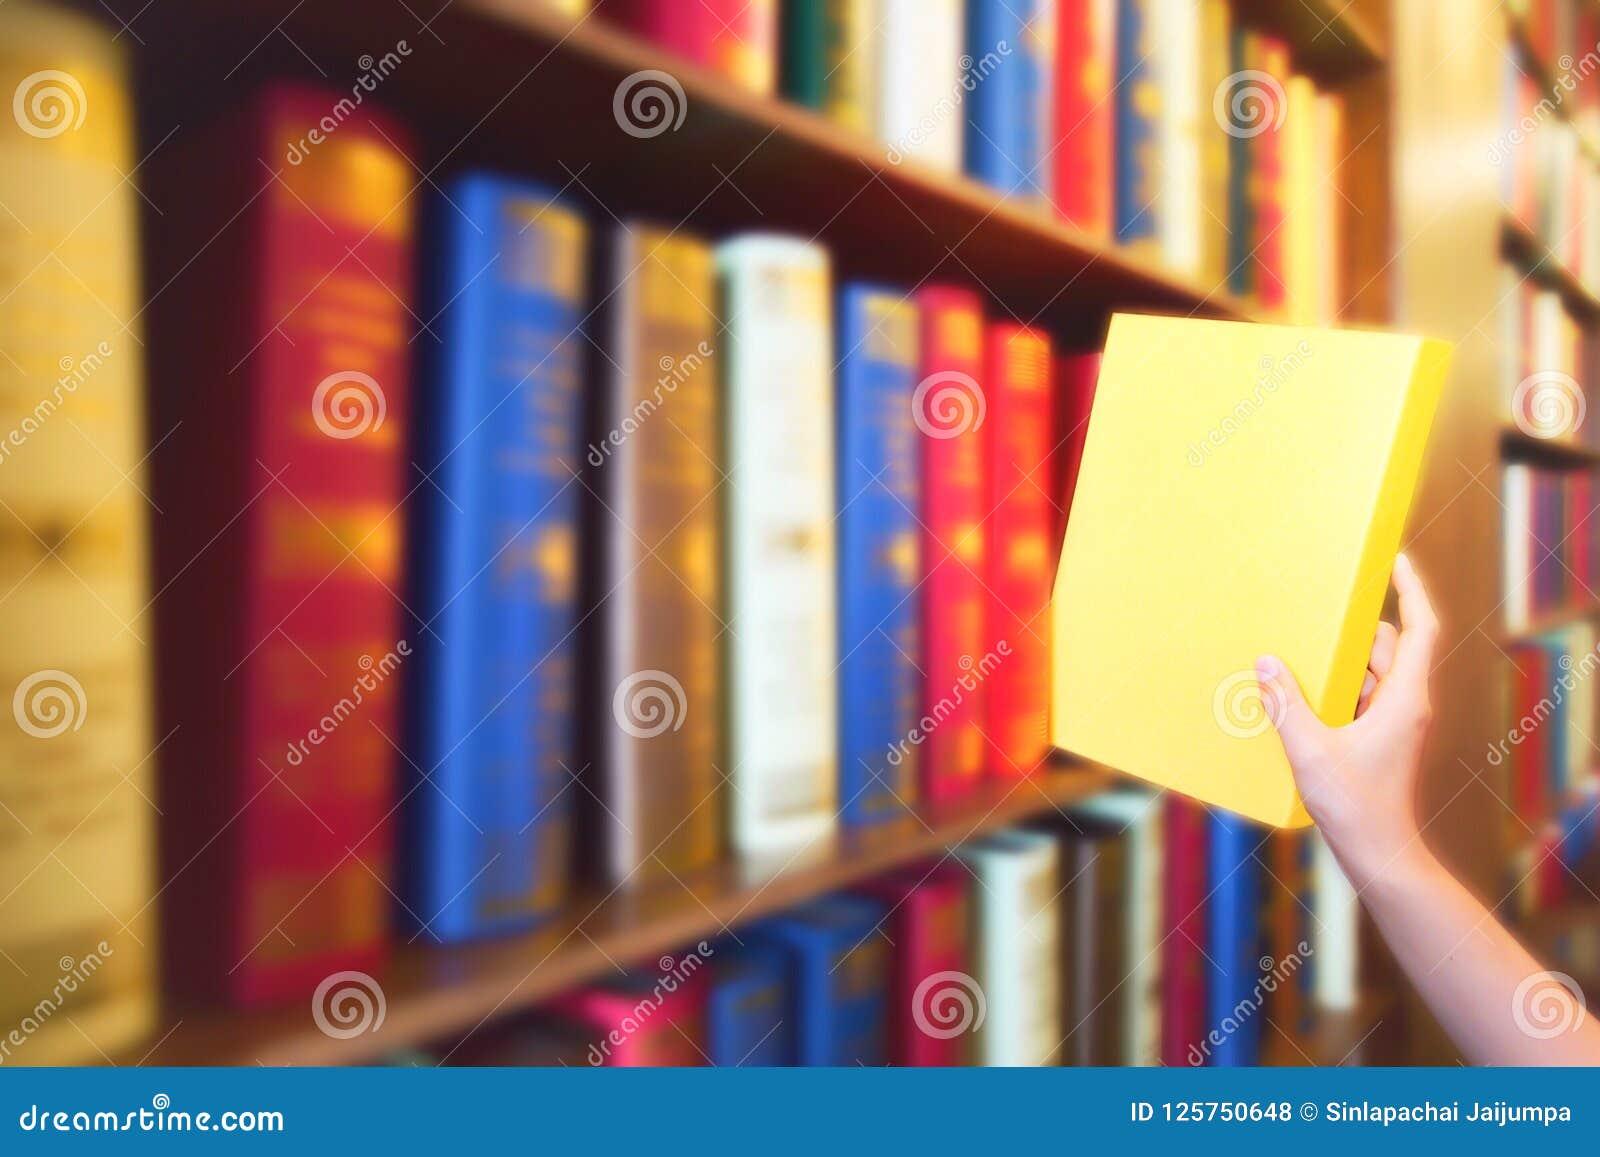 Les femmes remettent tirer le livre jaune des étagères en bois dans la bibliothèque publique Livres colorés, manuel, littérature